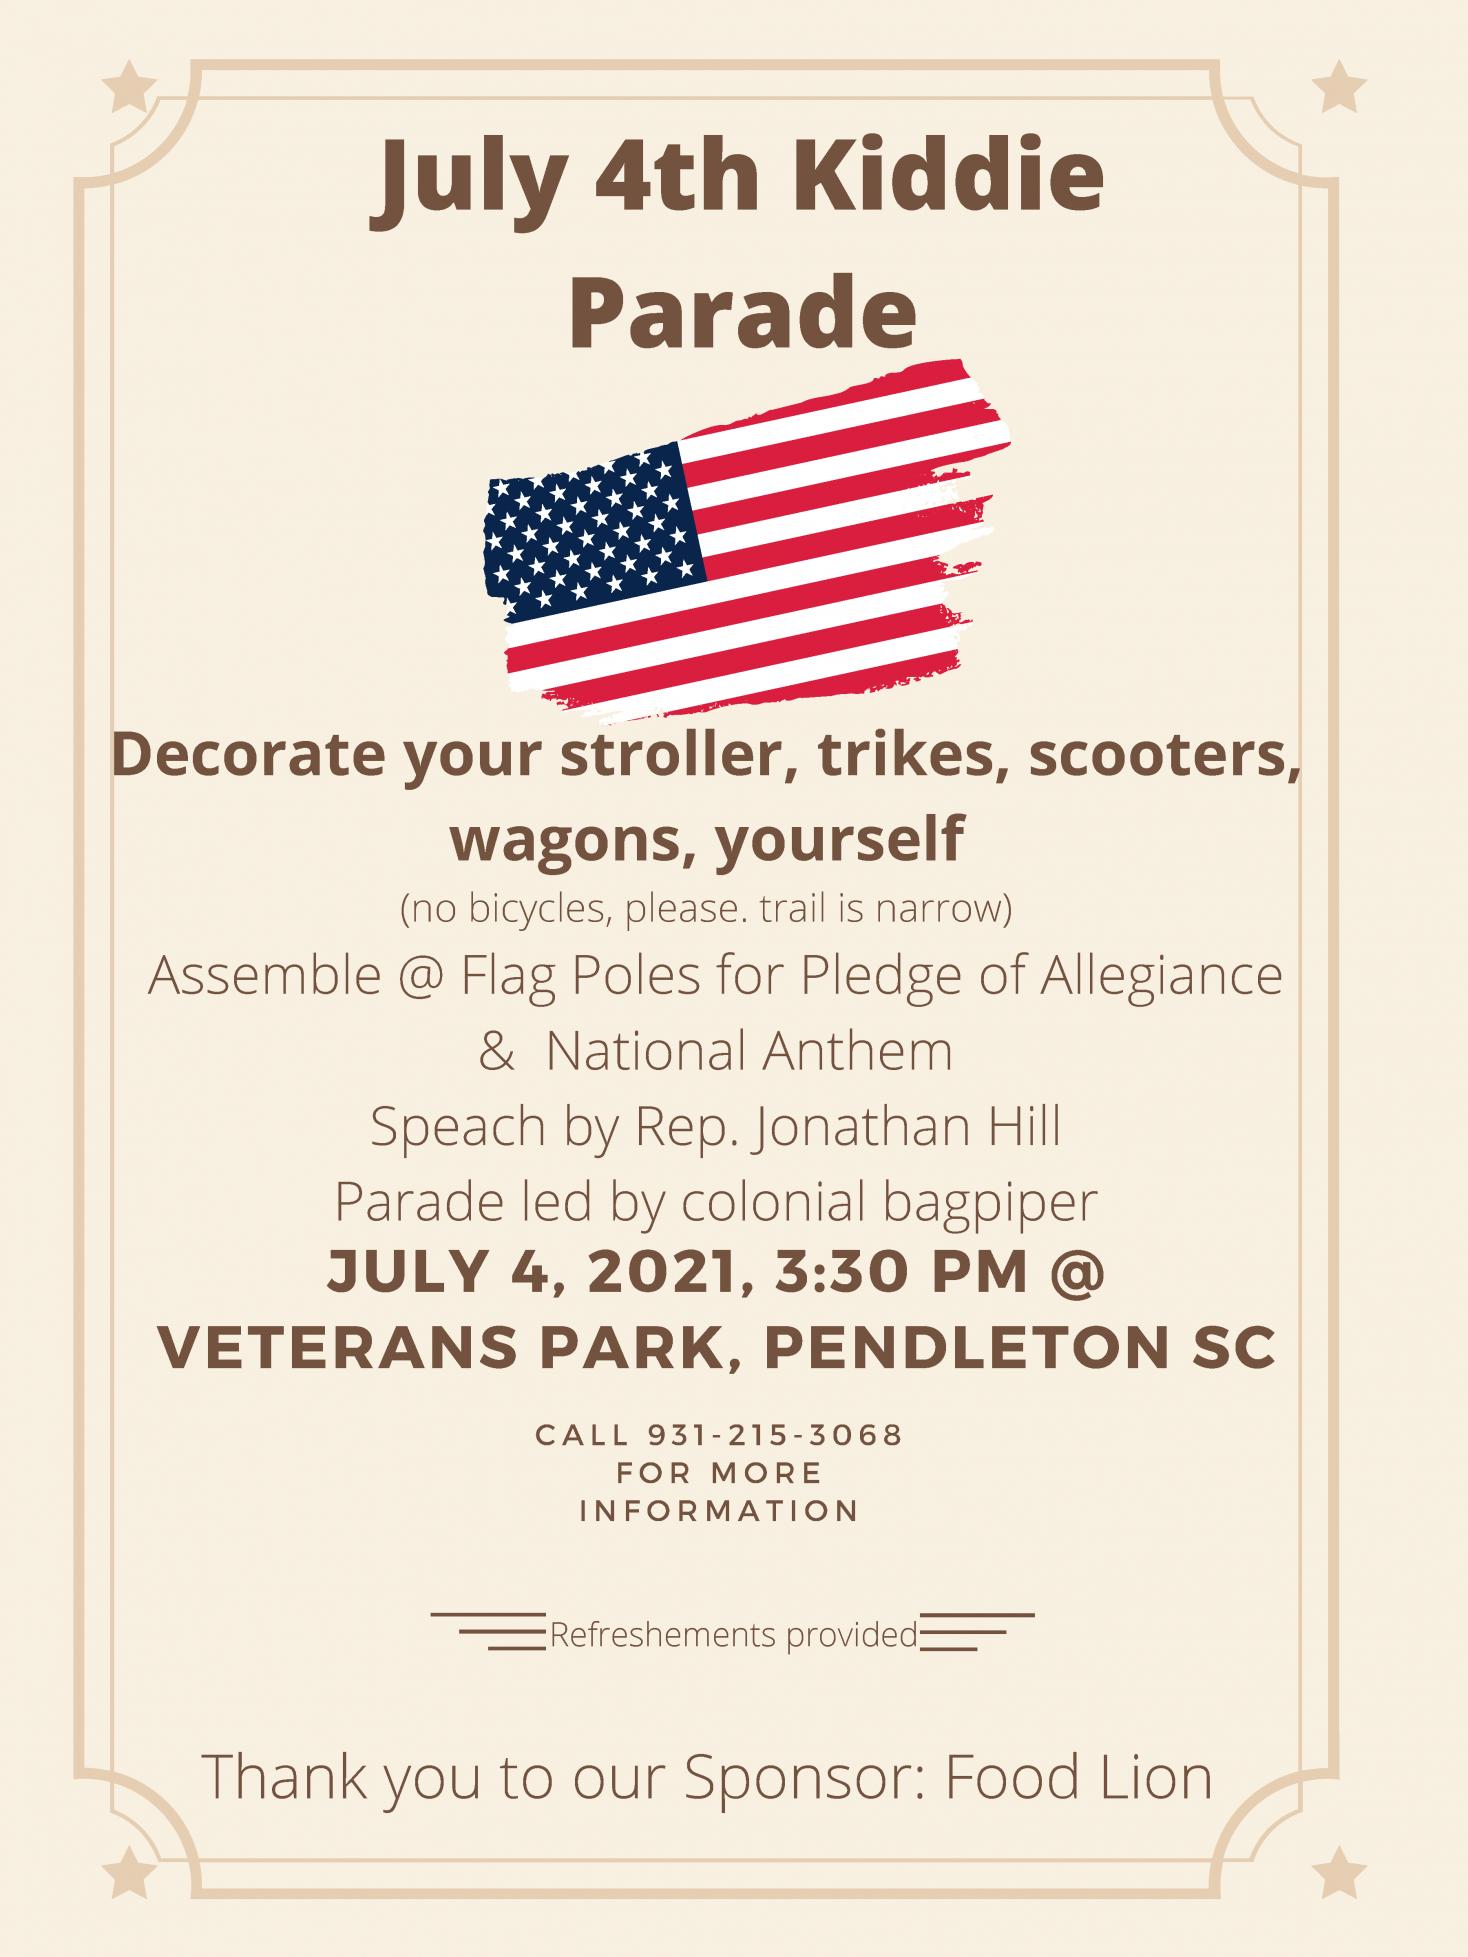 July 4th Kiddie Parade